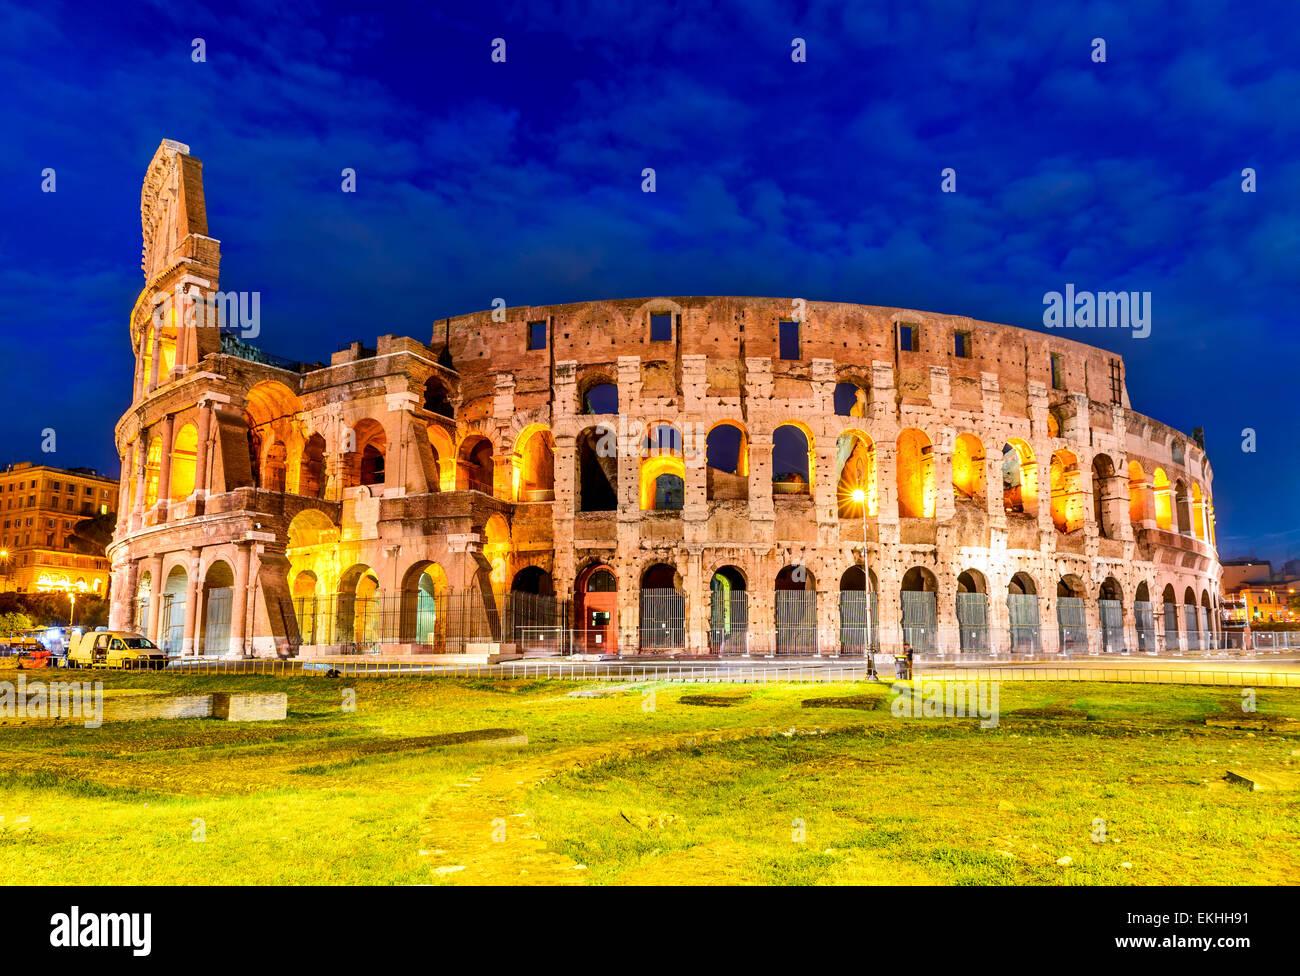 Colosseo, Roma, Italia. Twilight vista Colosseo a Roma, ellittica più grande anfiteatro dell Impero Romano antica Foto Stock